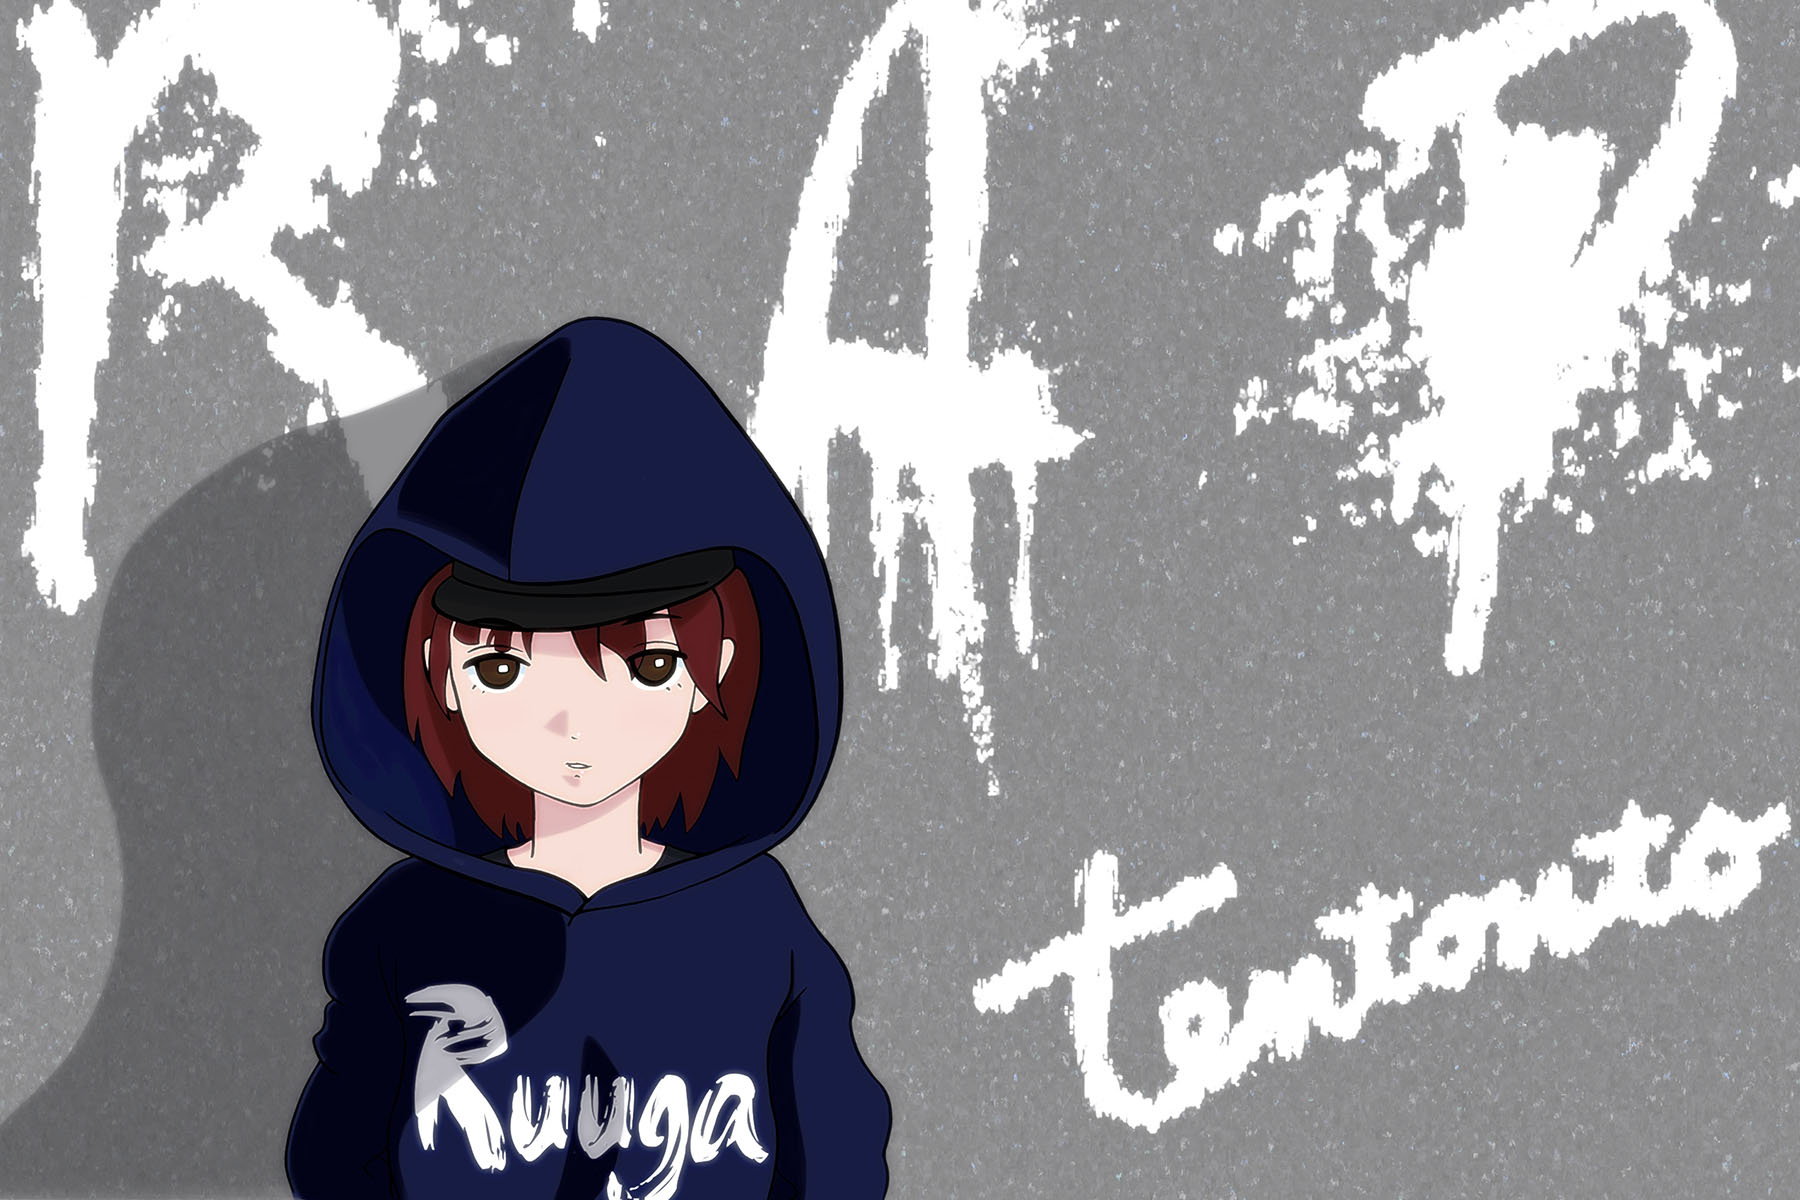 tentonto_ruuga_rapper